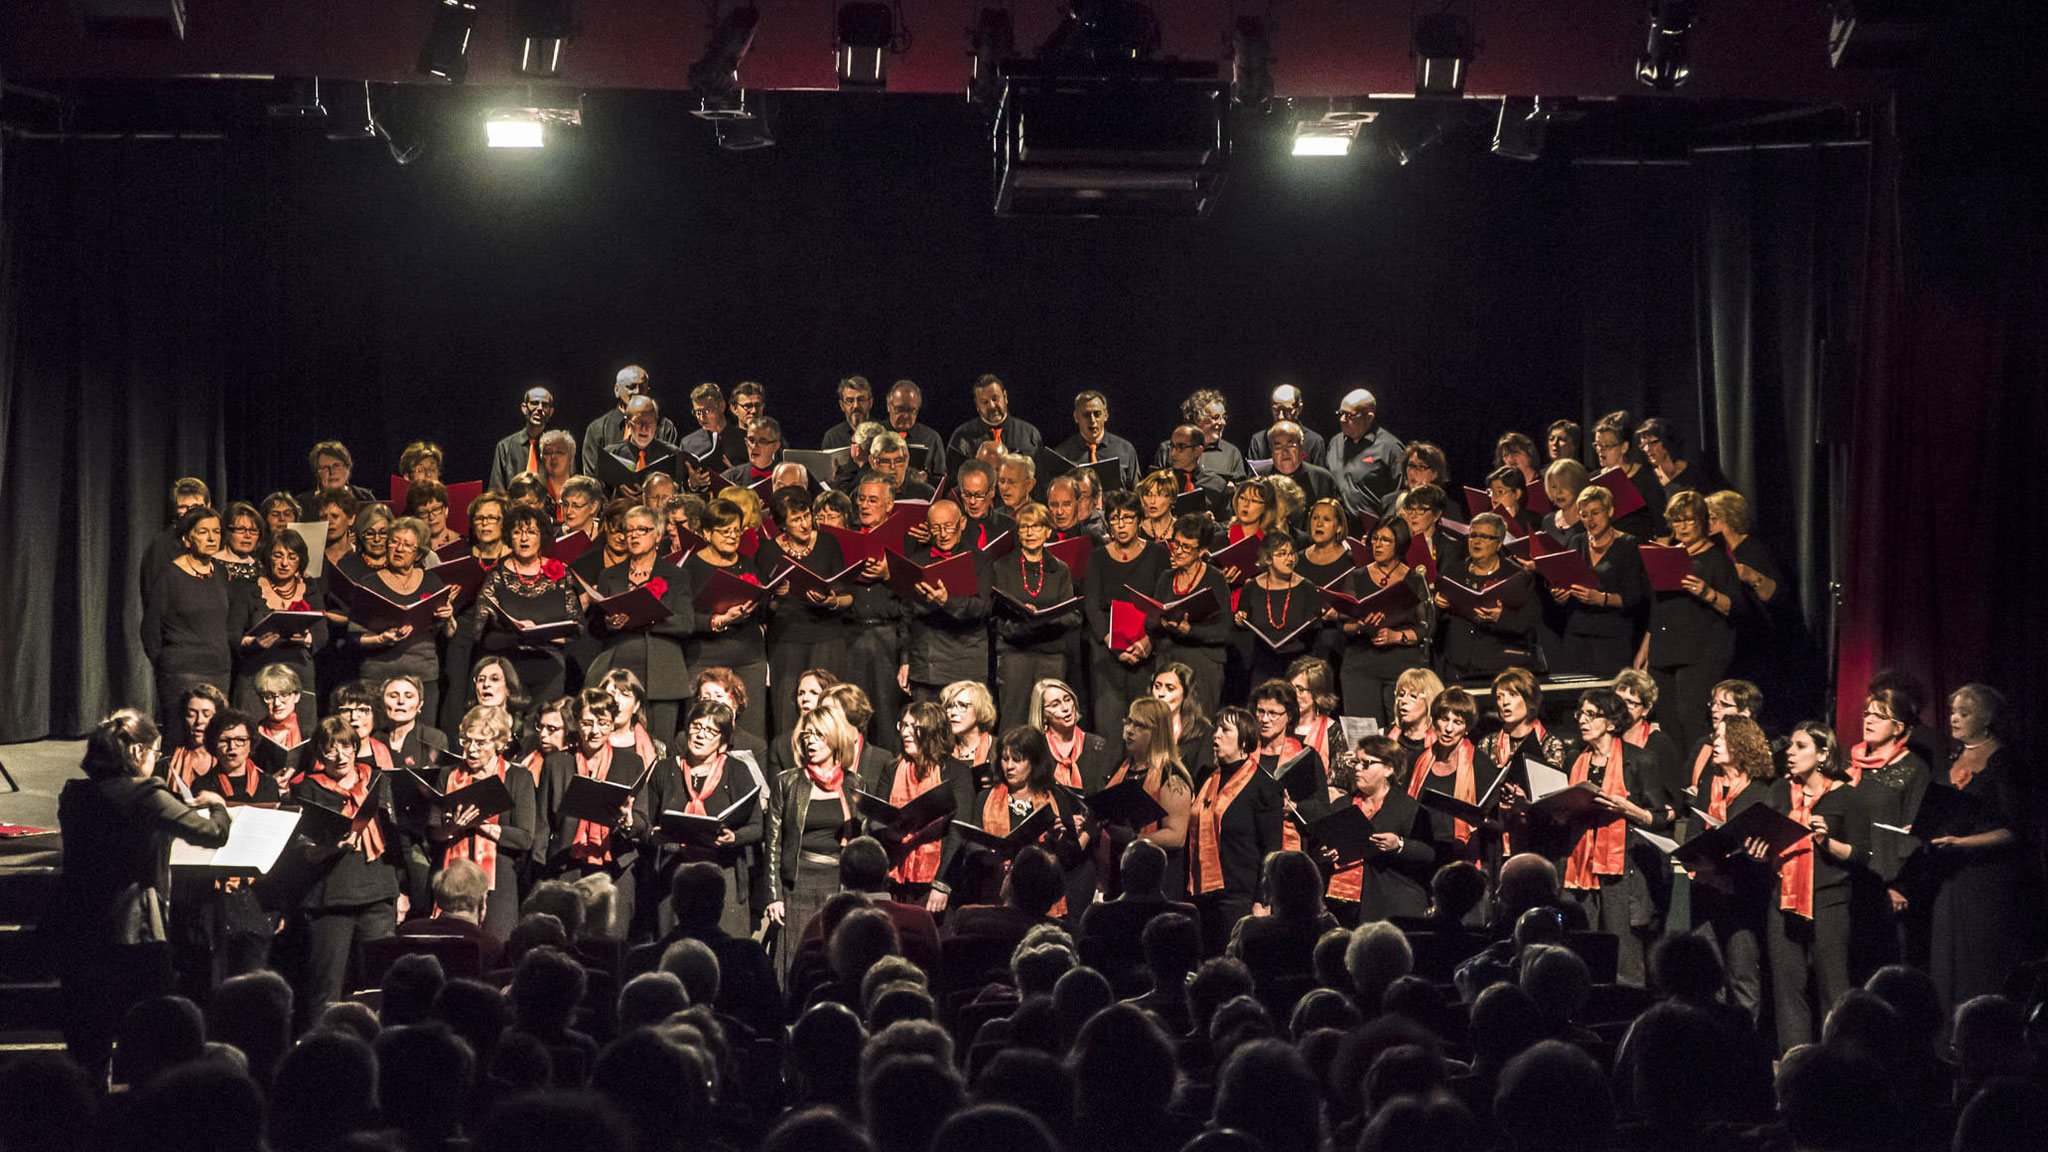 Concert à l'Atrium avec la chorale chant'avertin le 29 janvier